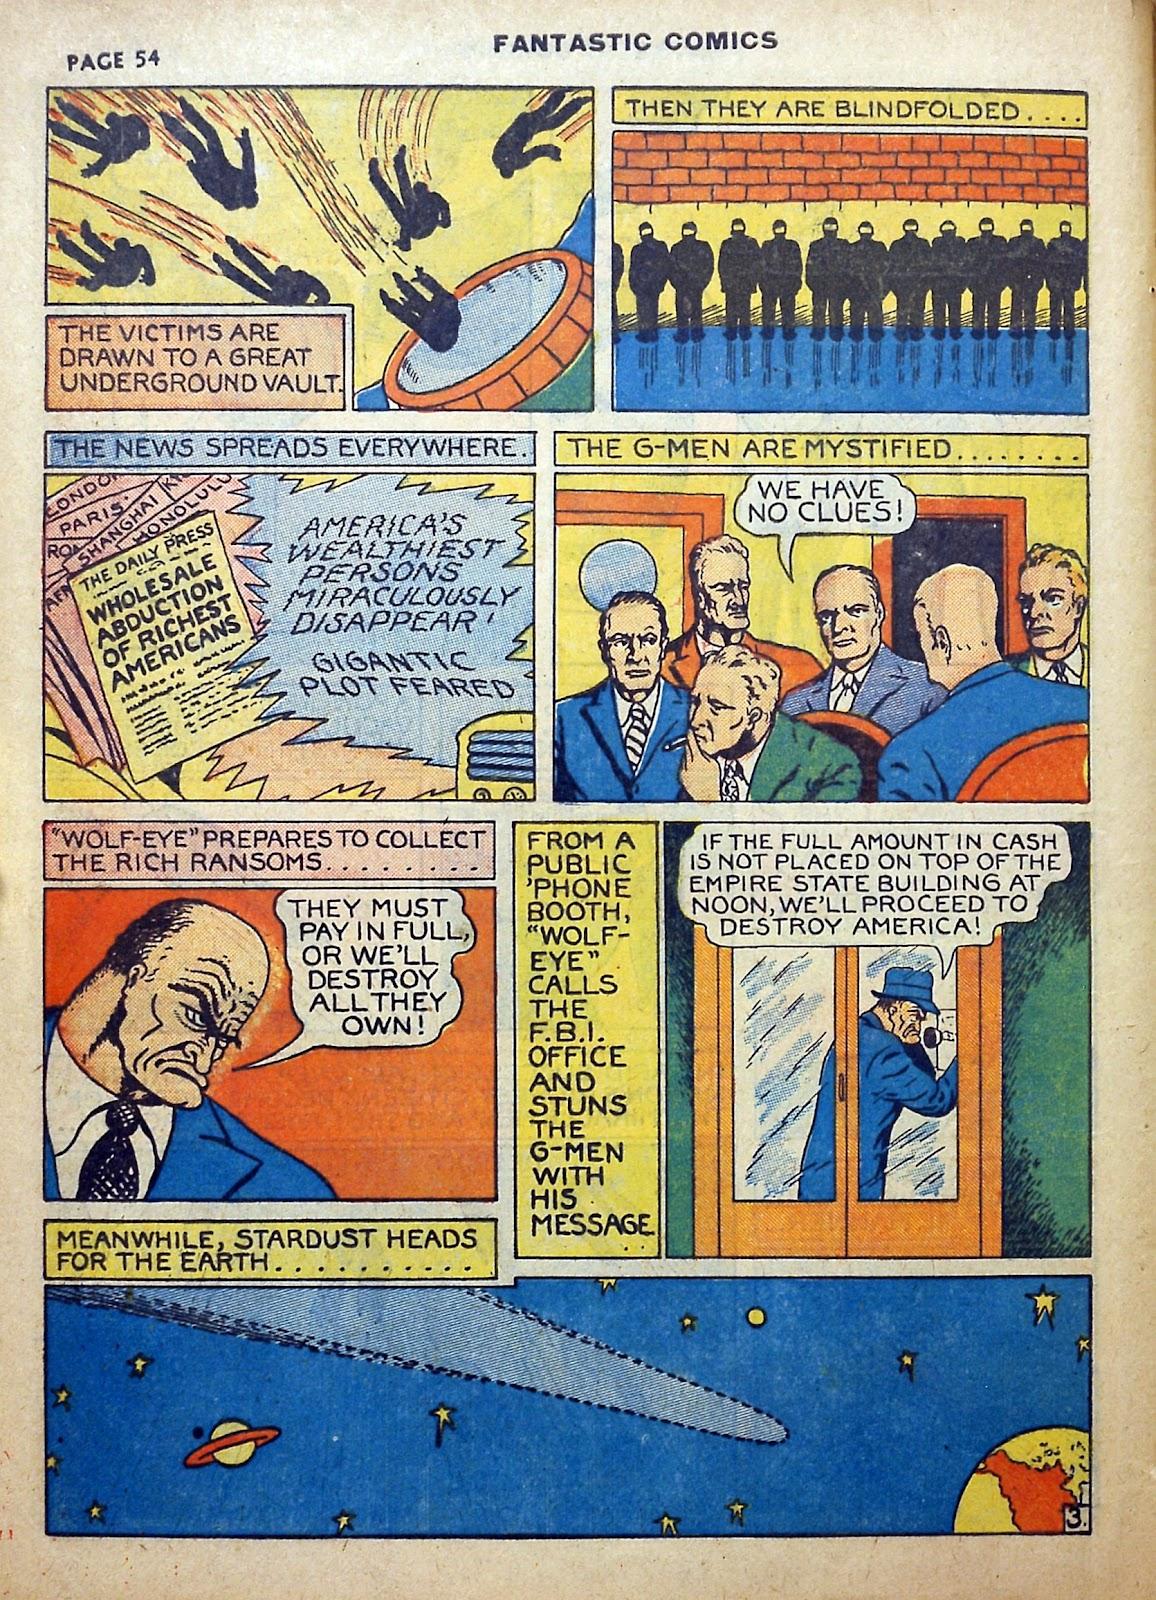 Read online Fantastic Comics comic -  Issue #5 - 55